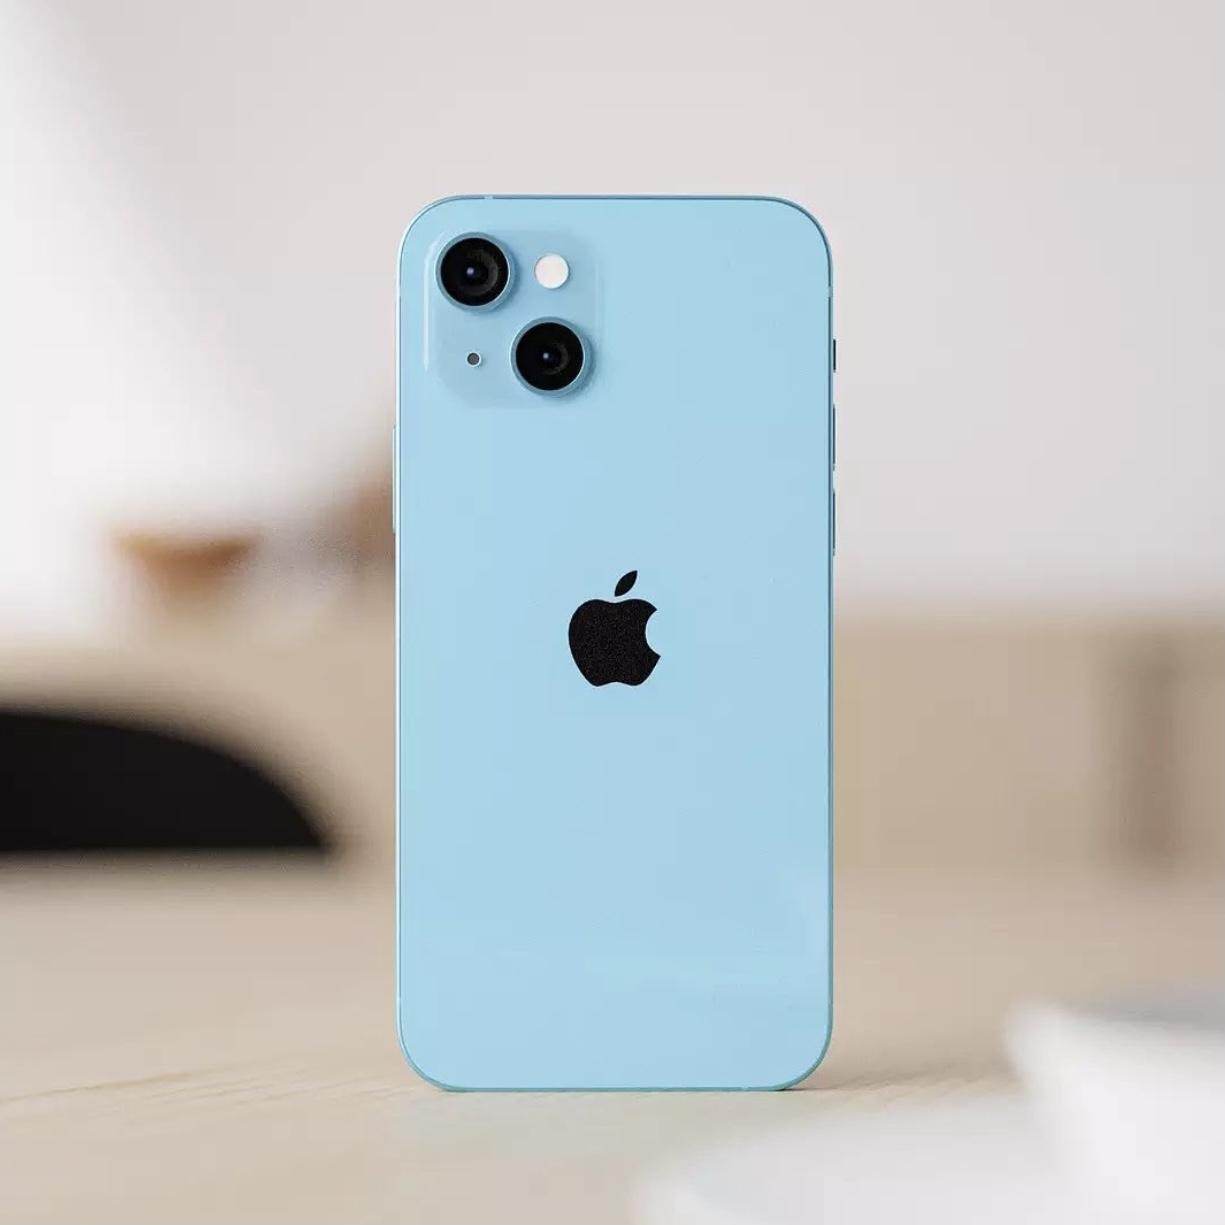 Trước ngày ra mắt, iPhone 13 lộ concept màu ocean blue giống hệt hint trên thư mời? - Ảnh 4.